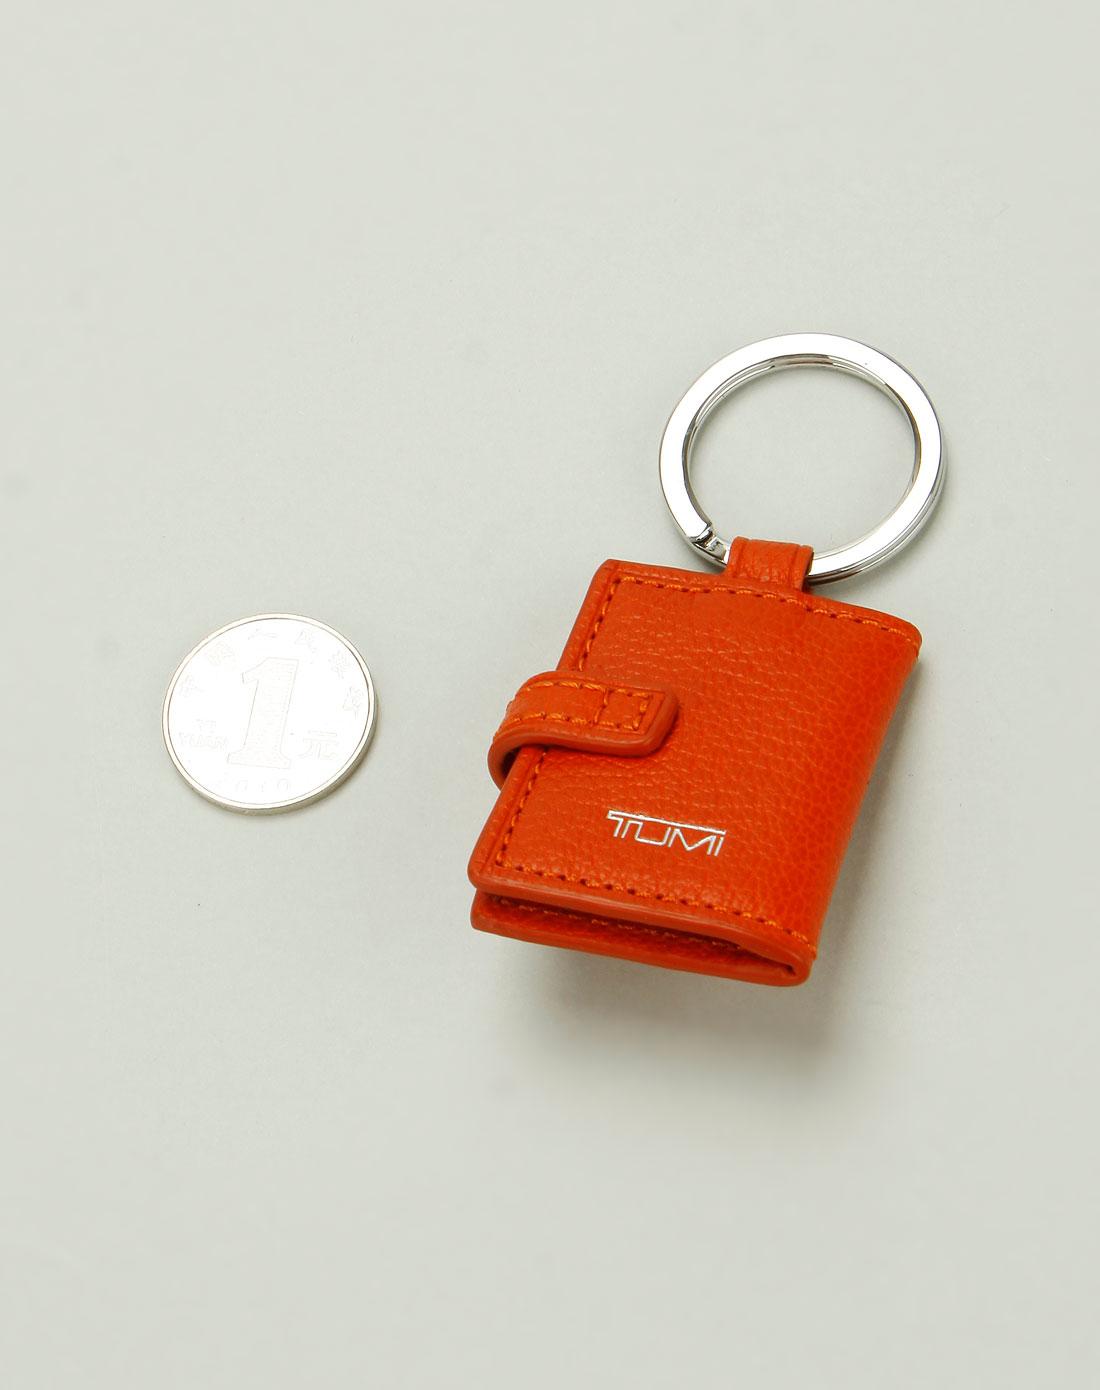 tumi中性橙色可爱书本钥匙扣